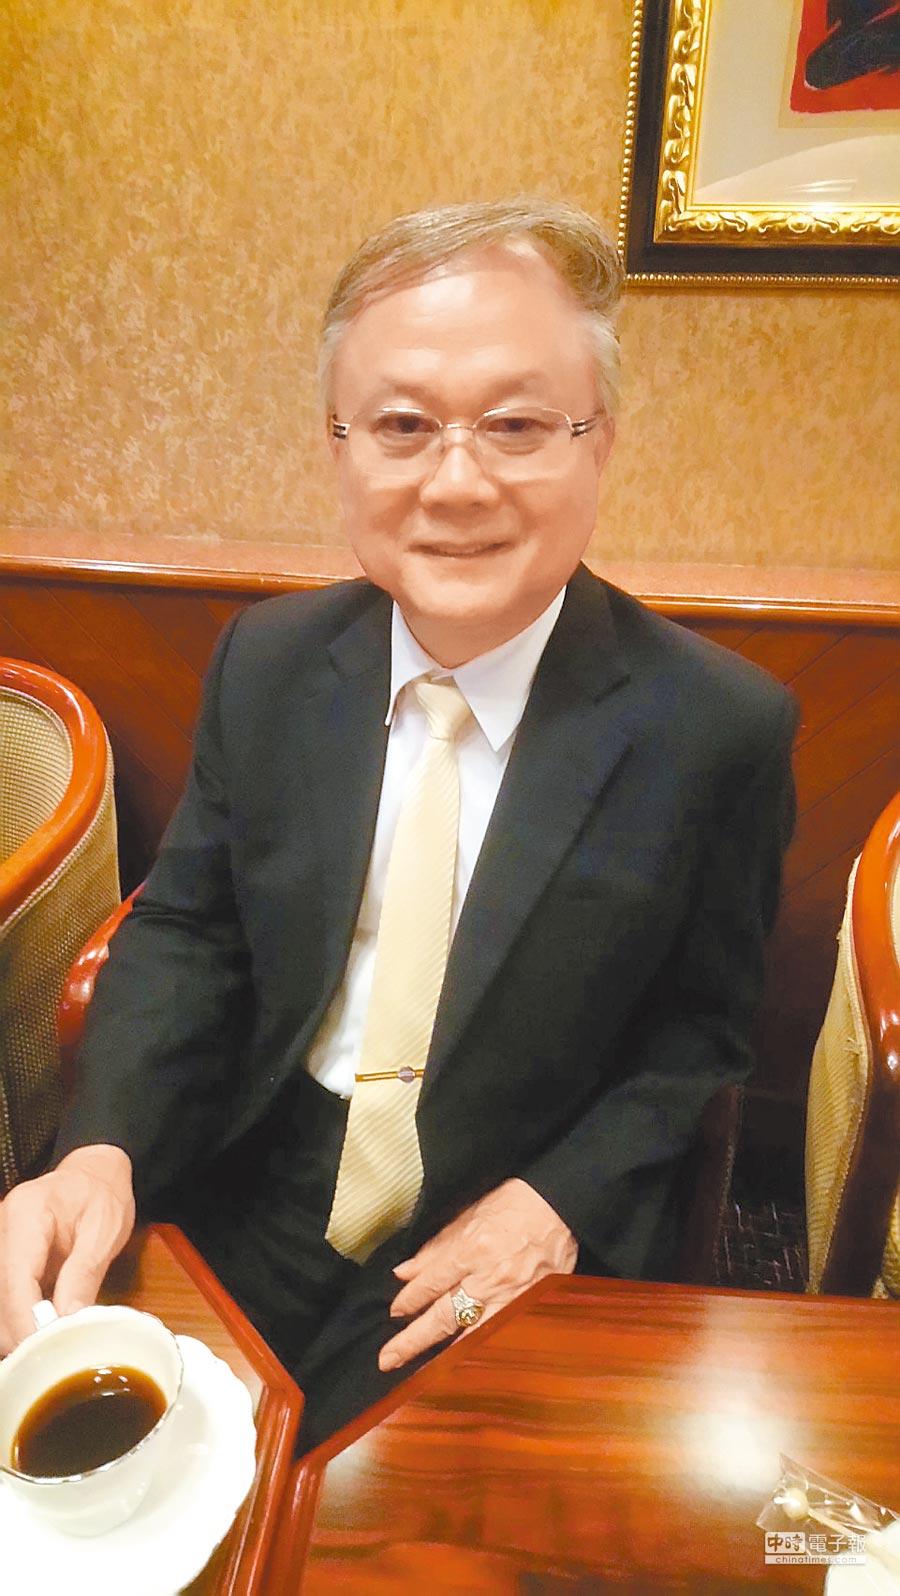 豪門文化科技創意有限公司董事長簡廷在。(記者楊家鑫攝)